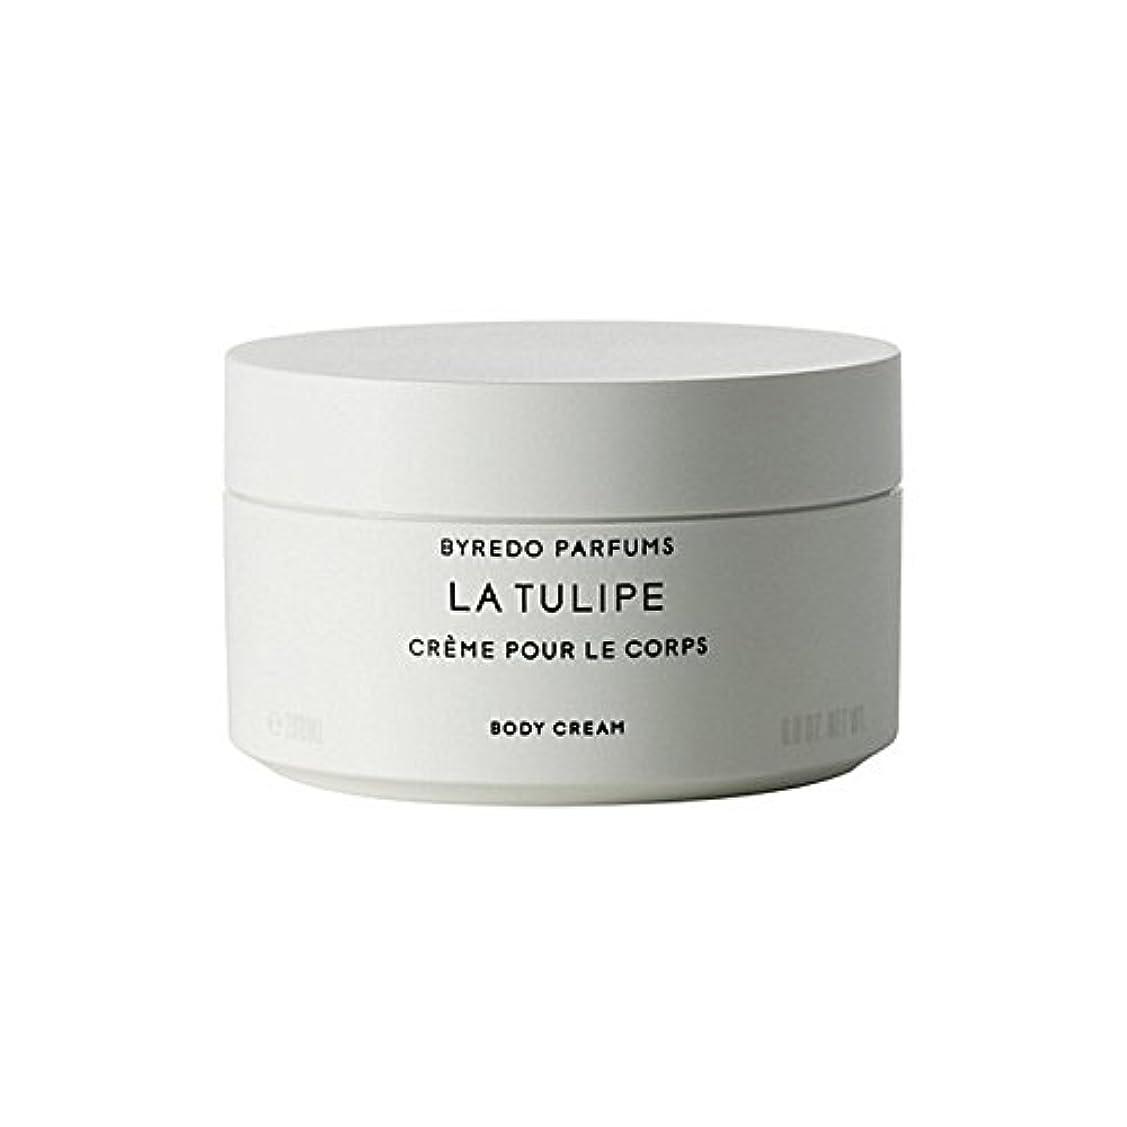 マイルストーンレンダリング怠感ラチューリップボディクリーム200ミリリットル x4 - Byredo La Tulipe Body Cream 200ml (Pack of 4) [並行輸入品]